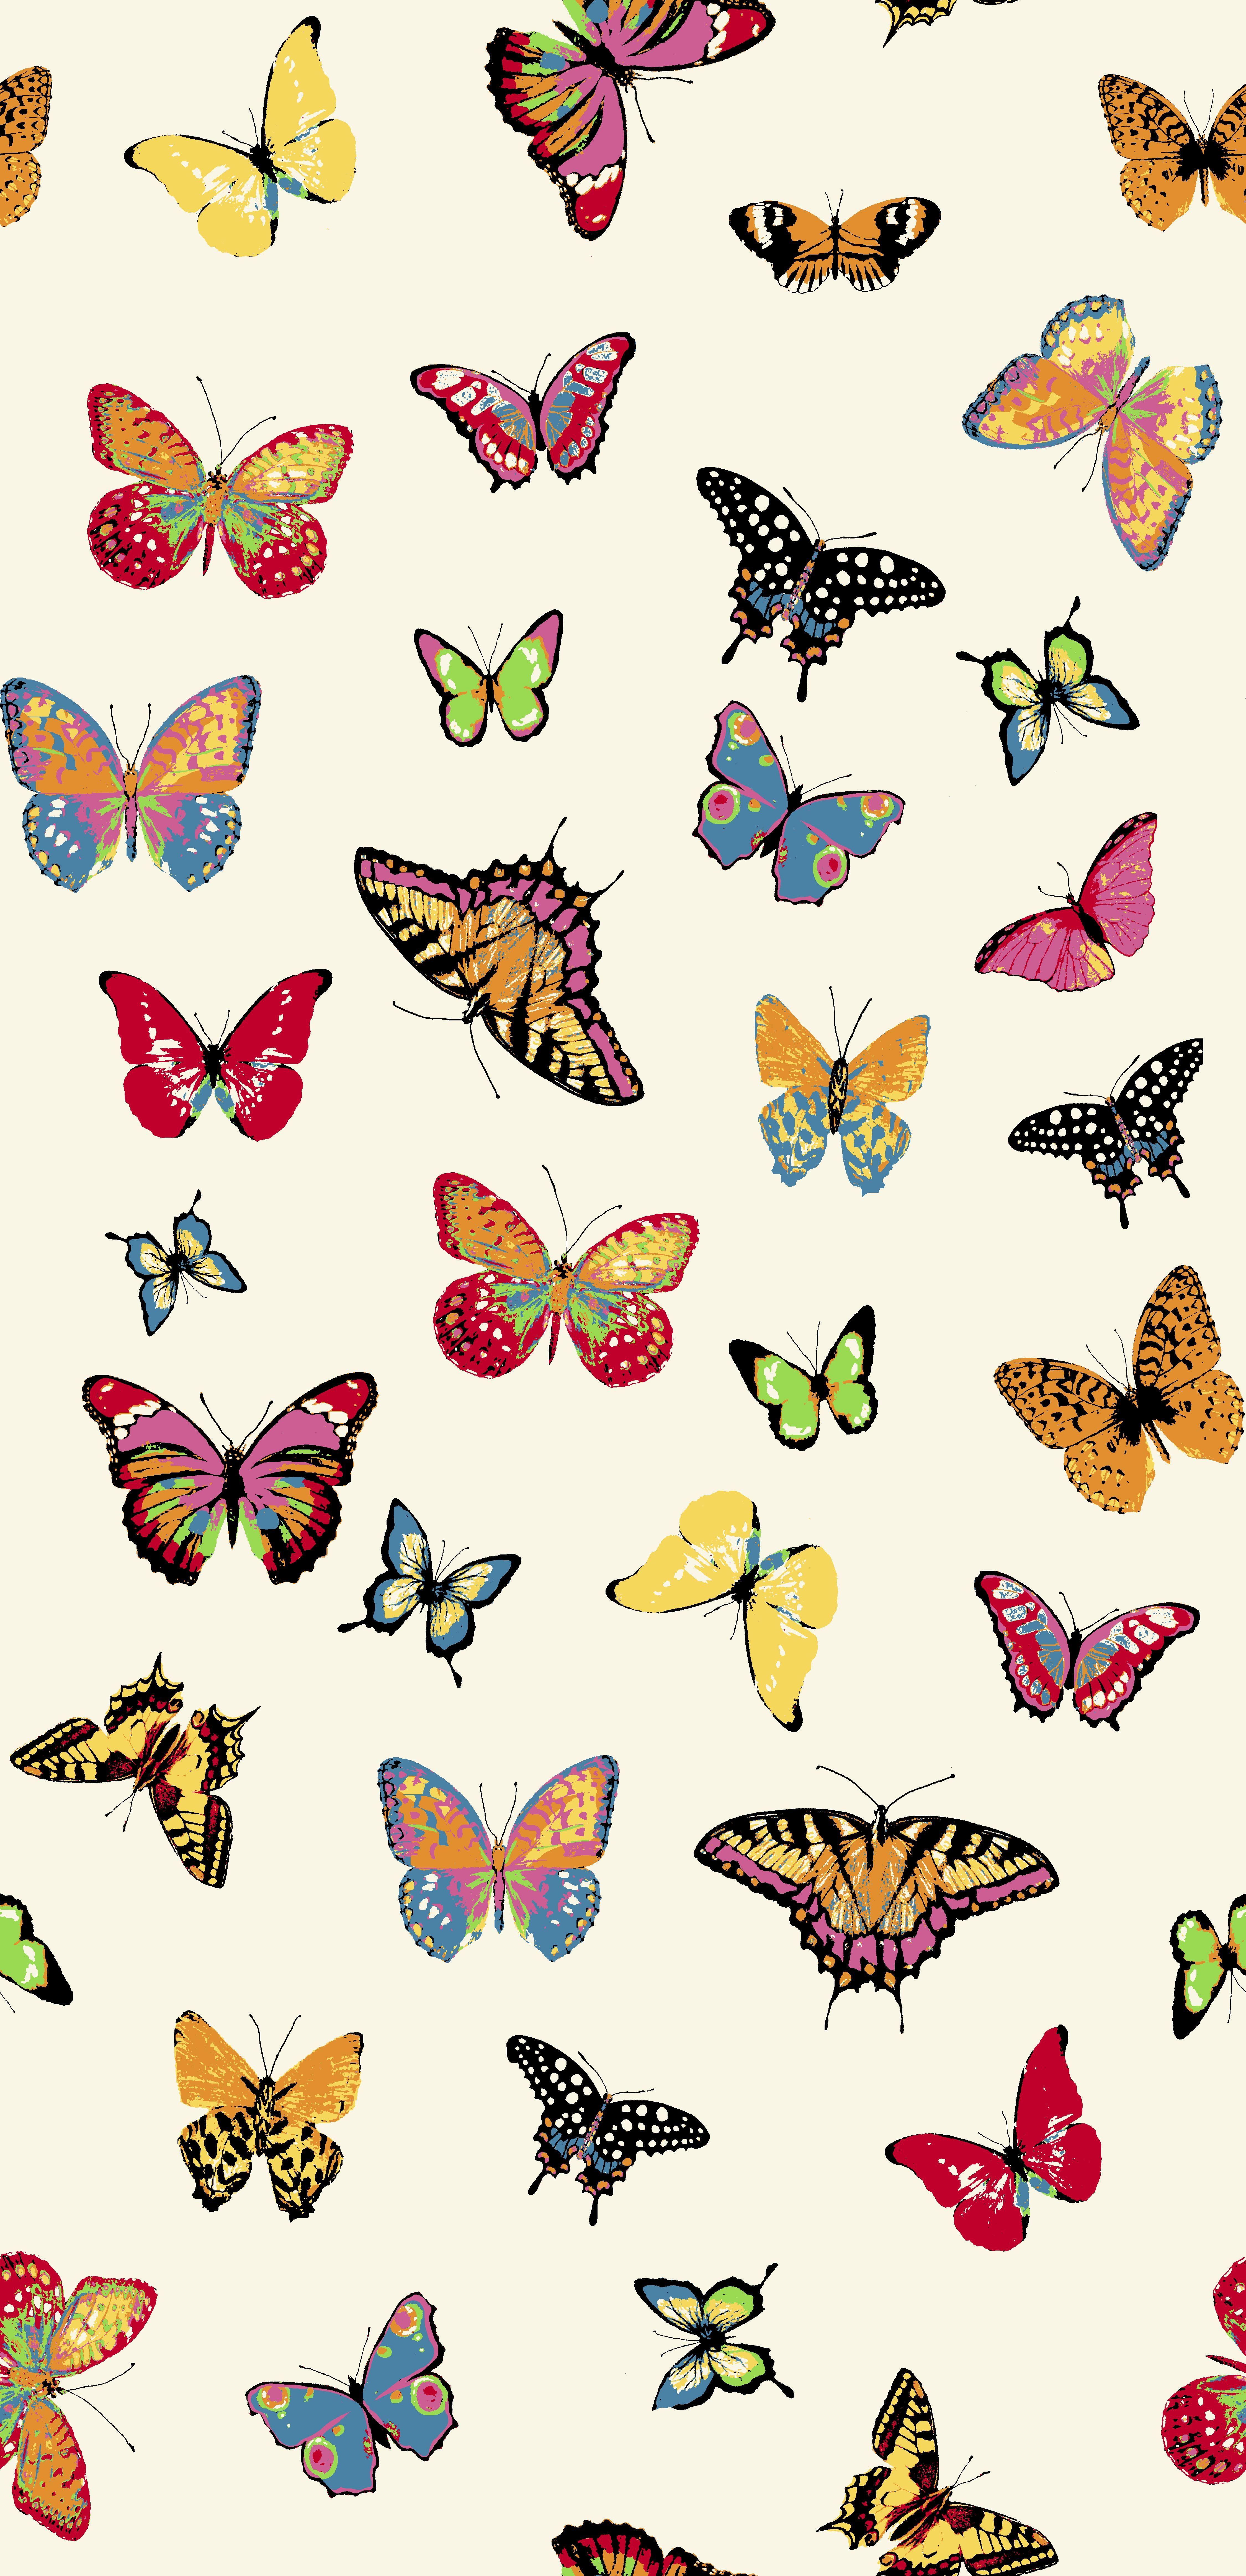 Butterflies Butterfly Wallpaper Iphone Butterfly Wallpaper Cute Patterns Wallpaper